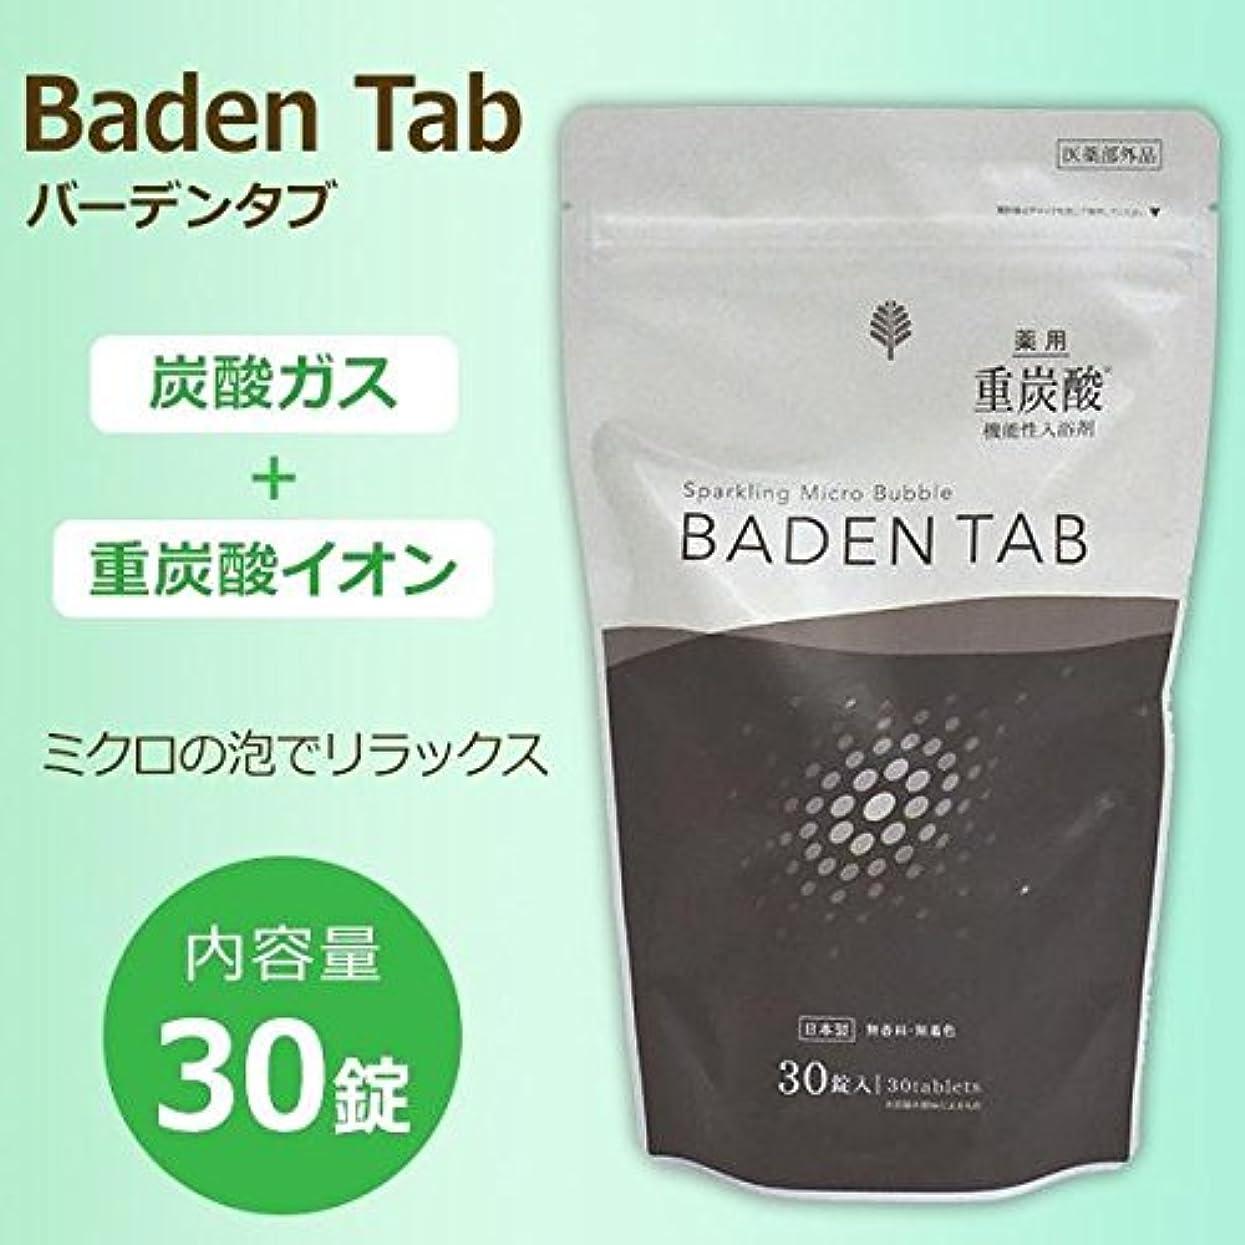 楽しむパプアニューギニア息を切らして薬用 Baden Tab 30錠(6回分) BT-8758